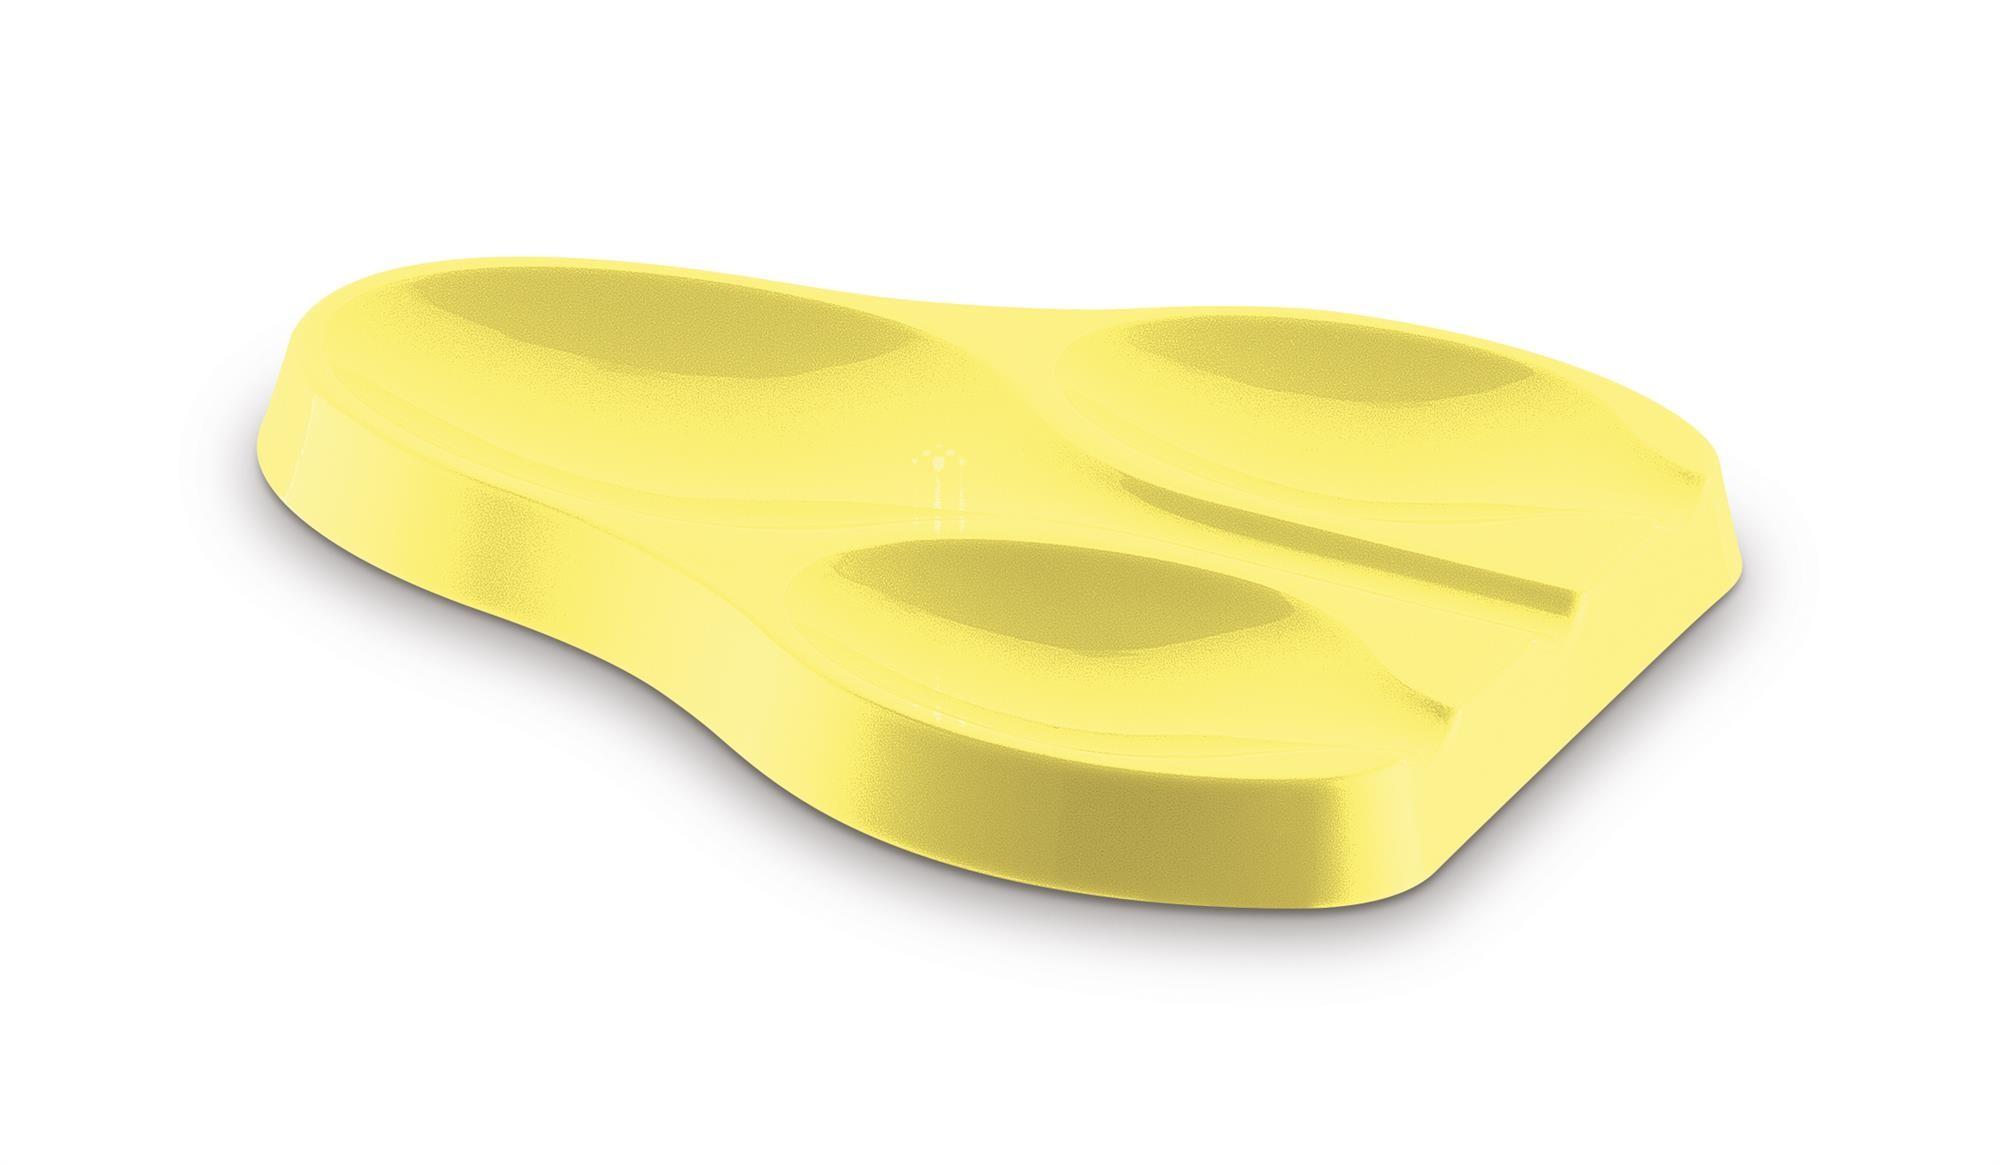 24 Suportes Para Colher Plus Solido De Plástico Uz Atacado